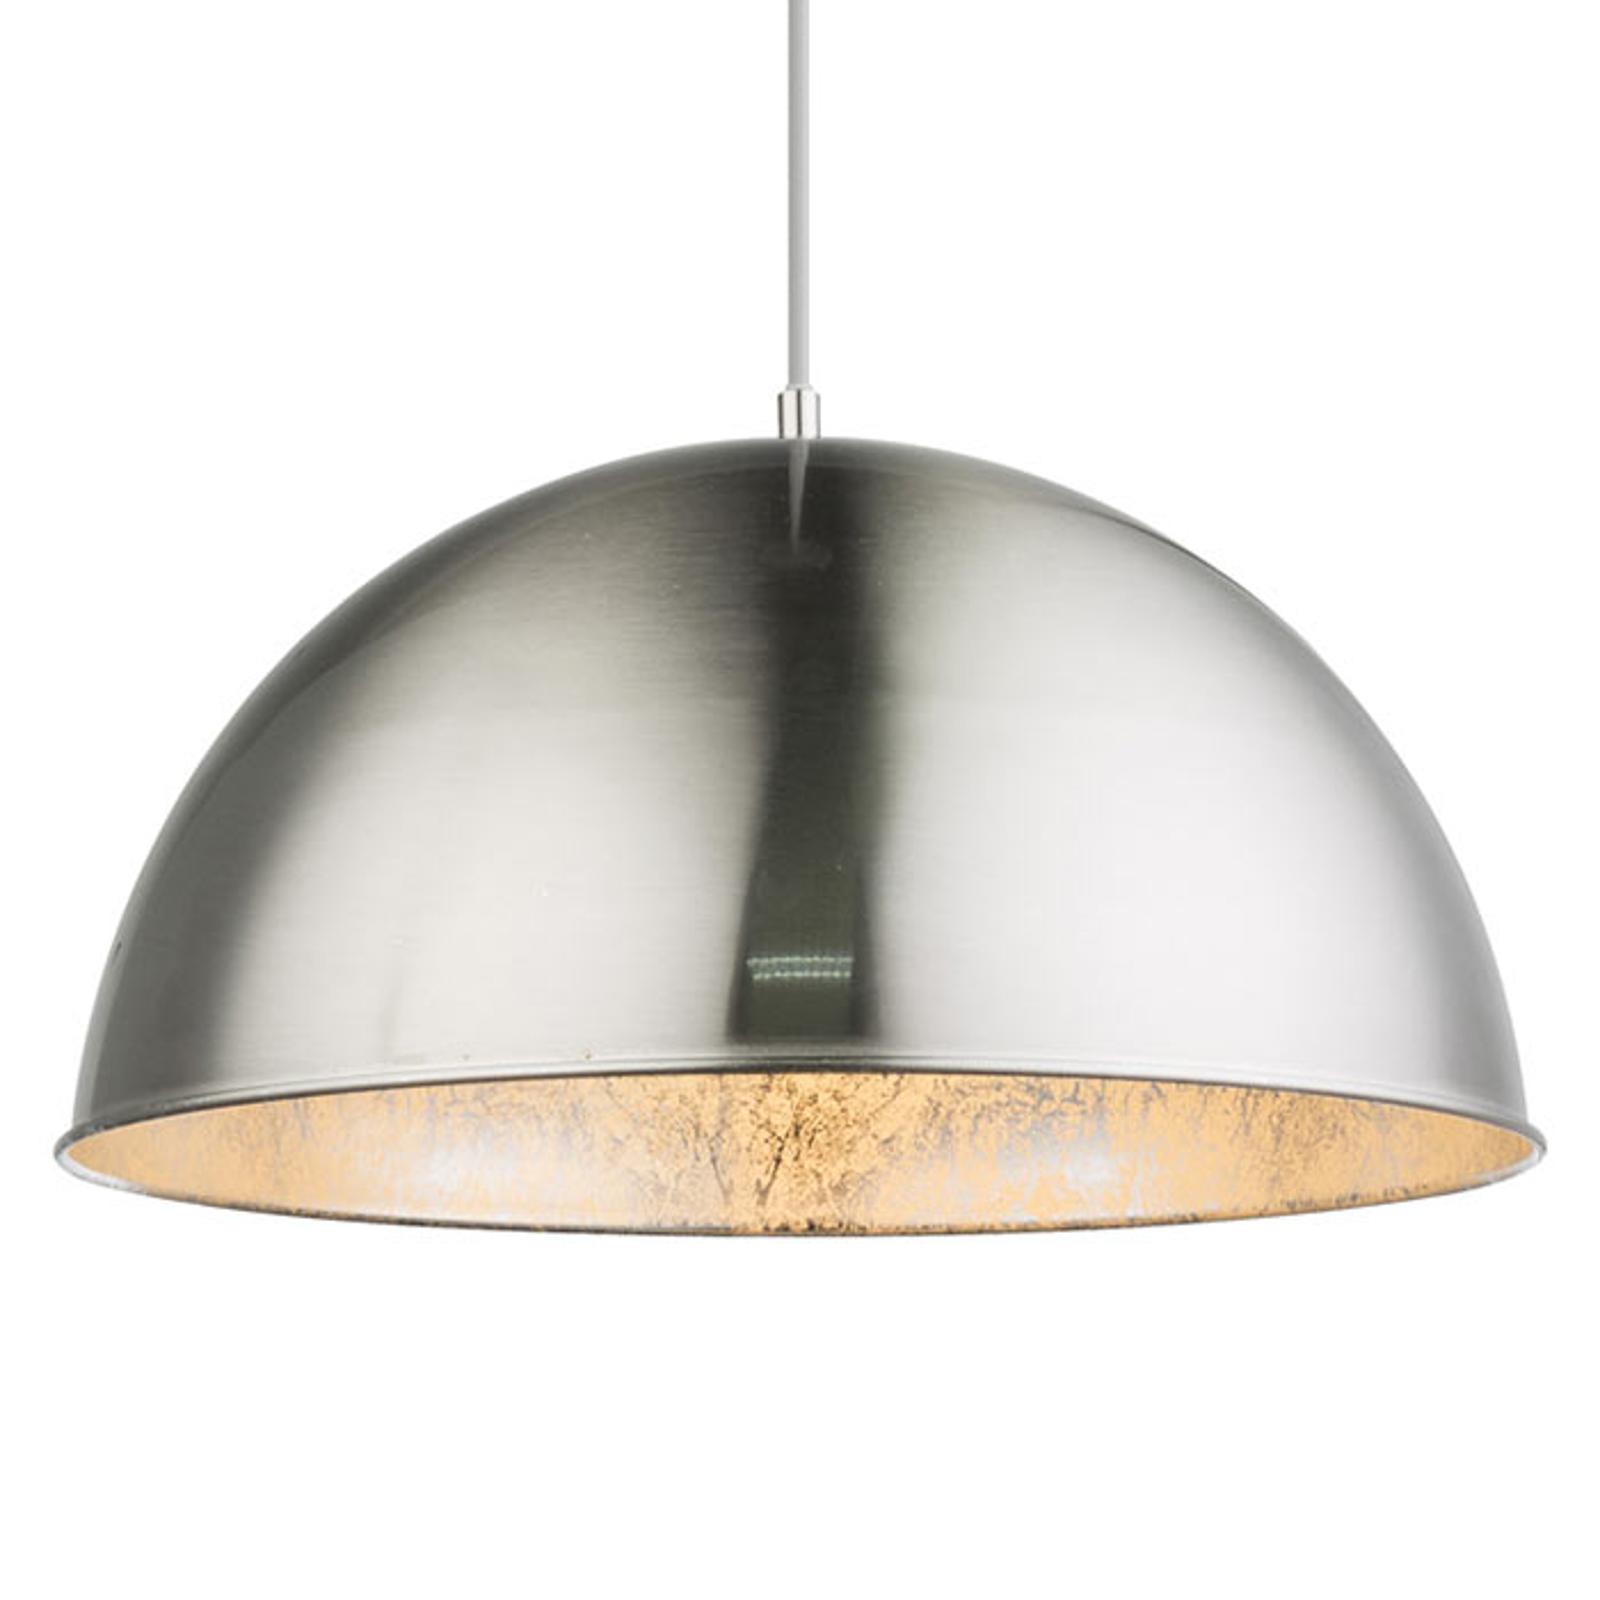 Metallinen riippuvalaisin Nosy, nikkeli/hopea